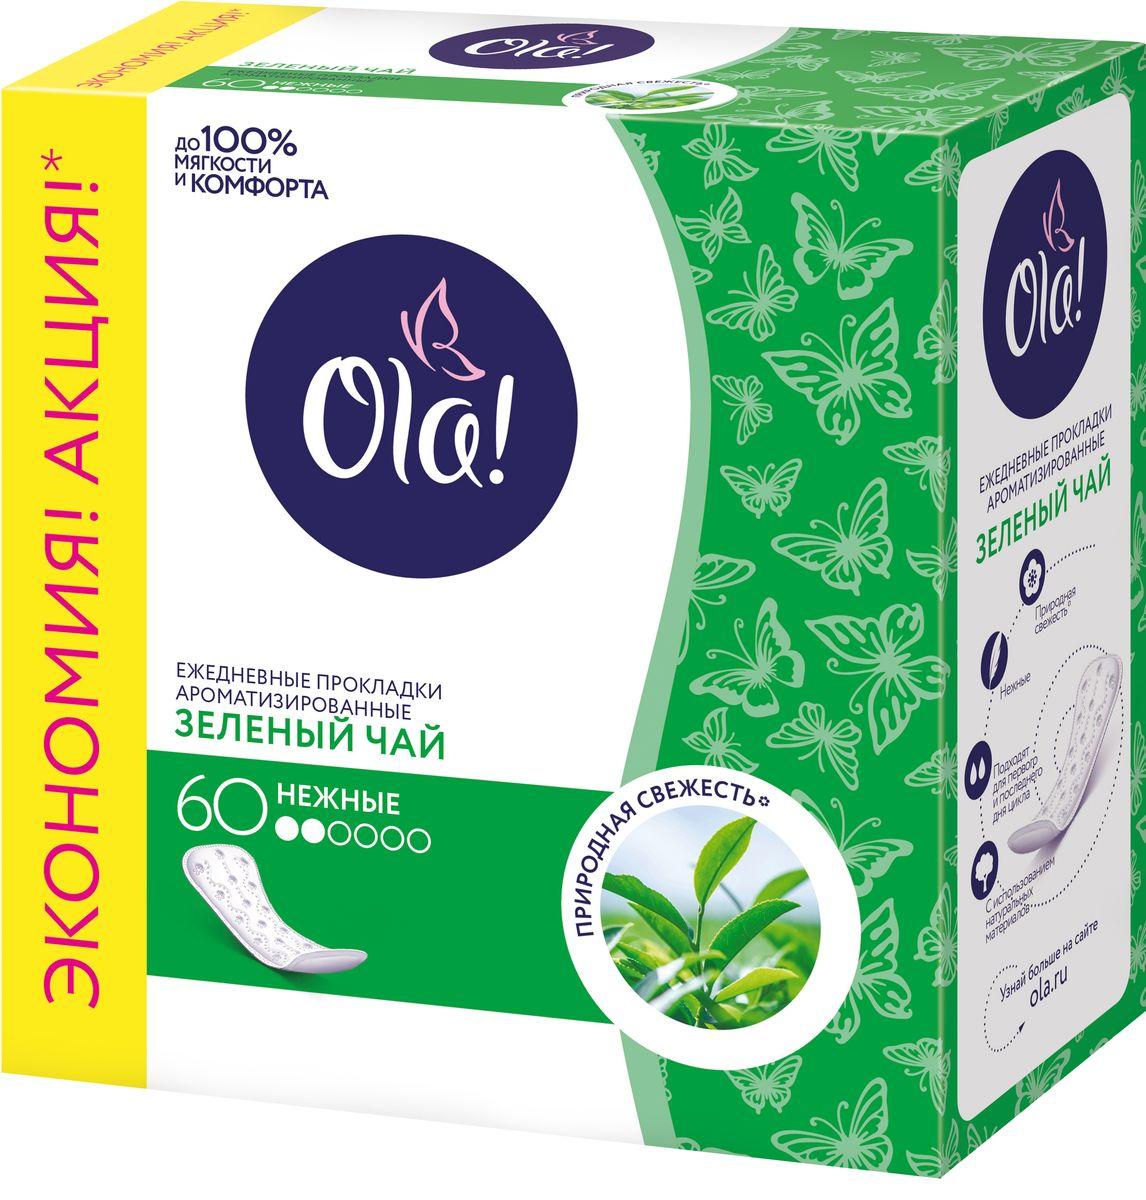 Ola! Daily DEO (Зеленый чай) Прокладки, 60 штSC-FM20101OLA! DAILY DEO ПРОКЛАДКИ ЕЖЕДНЕВНЫЕ Зеленый чайСозданы из натурального материала - 100% целлюлозы;Лучший показатель по объему впитываемой жидкости.xАнатомическая форма;Мягкость;С нежным ароматом зеленого чая.xЭто дает возможность использовать Daily при необильных выделениях в критические дни; Упаковка 60 шт.